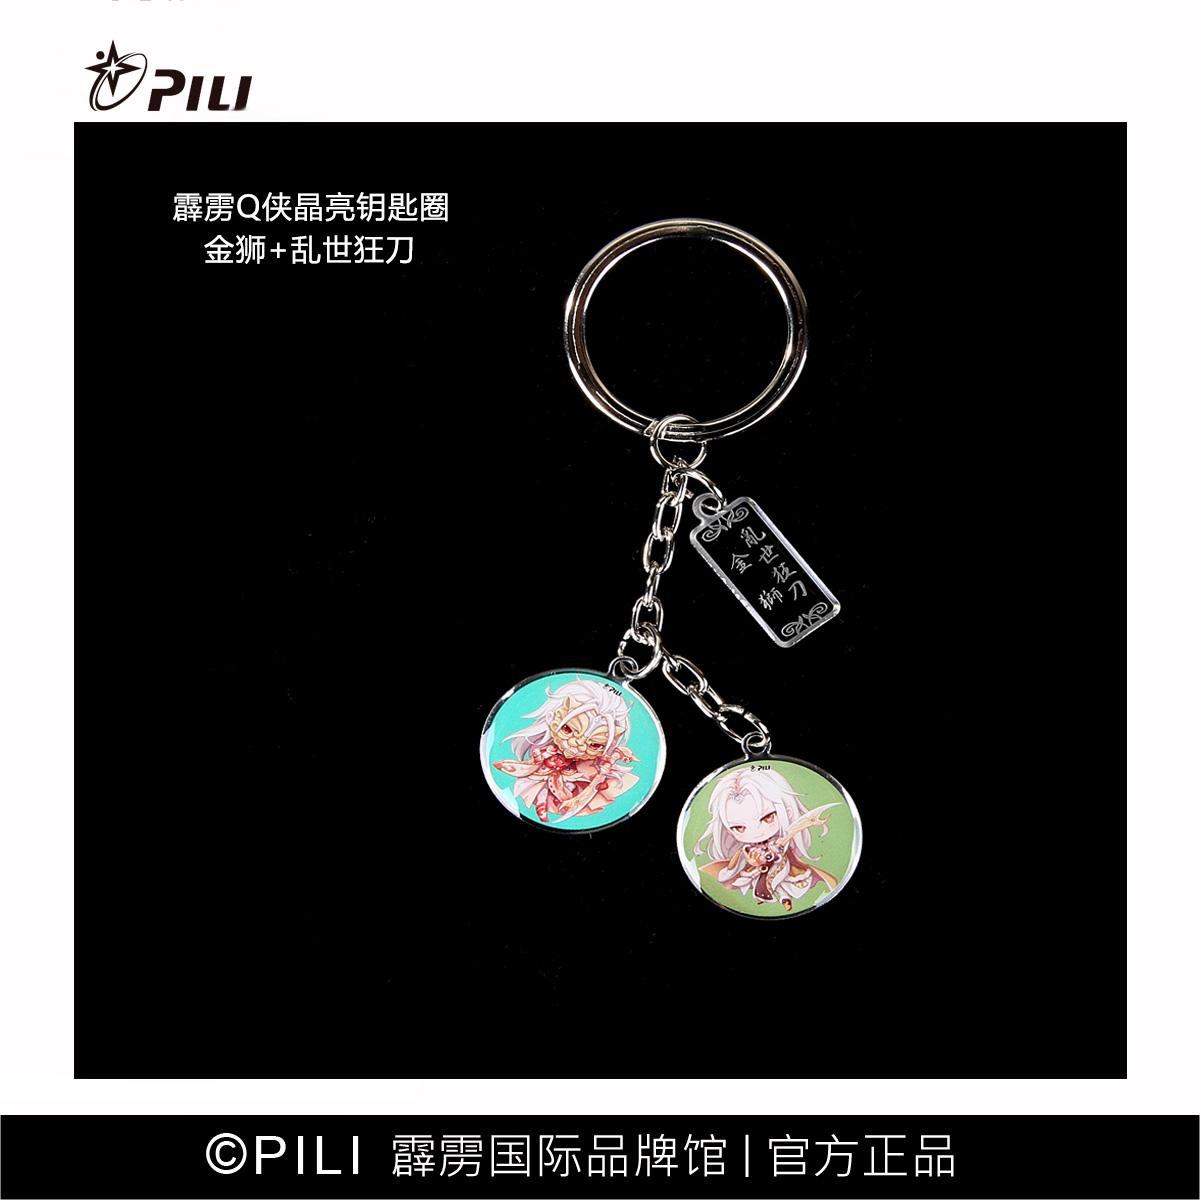 【霹雳布袋戏官方】霹雳Q侠晶亮钥匙圈(一)